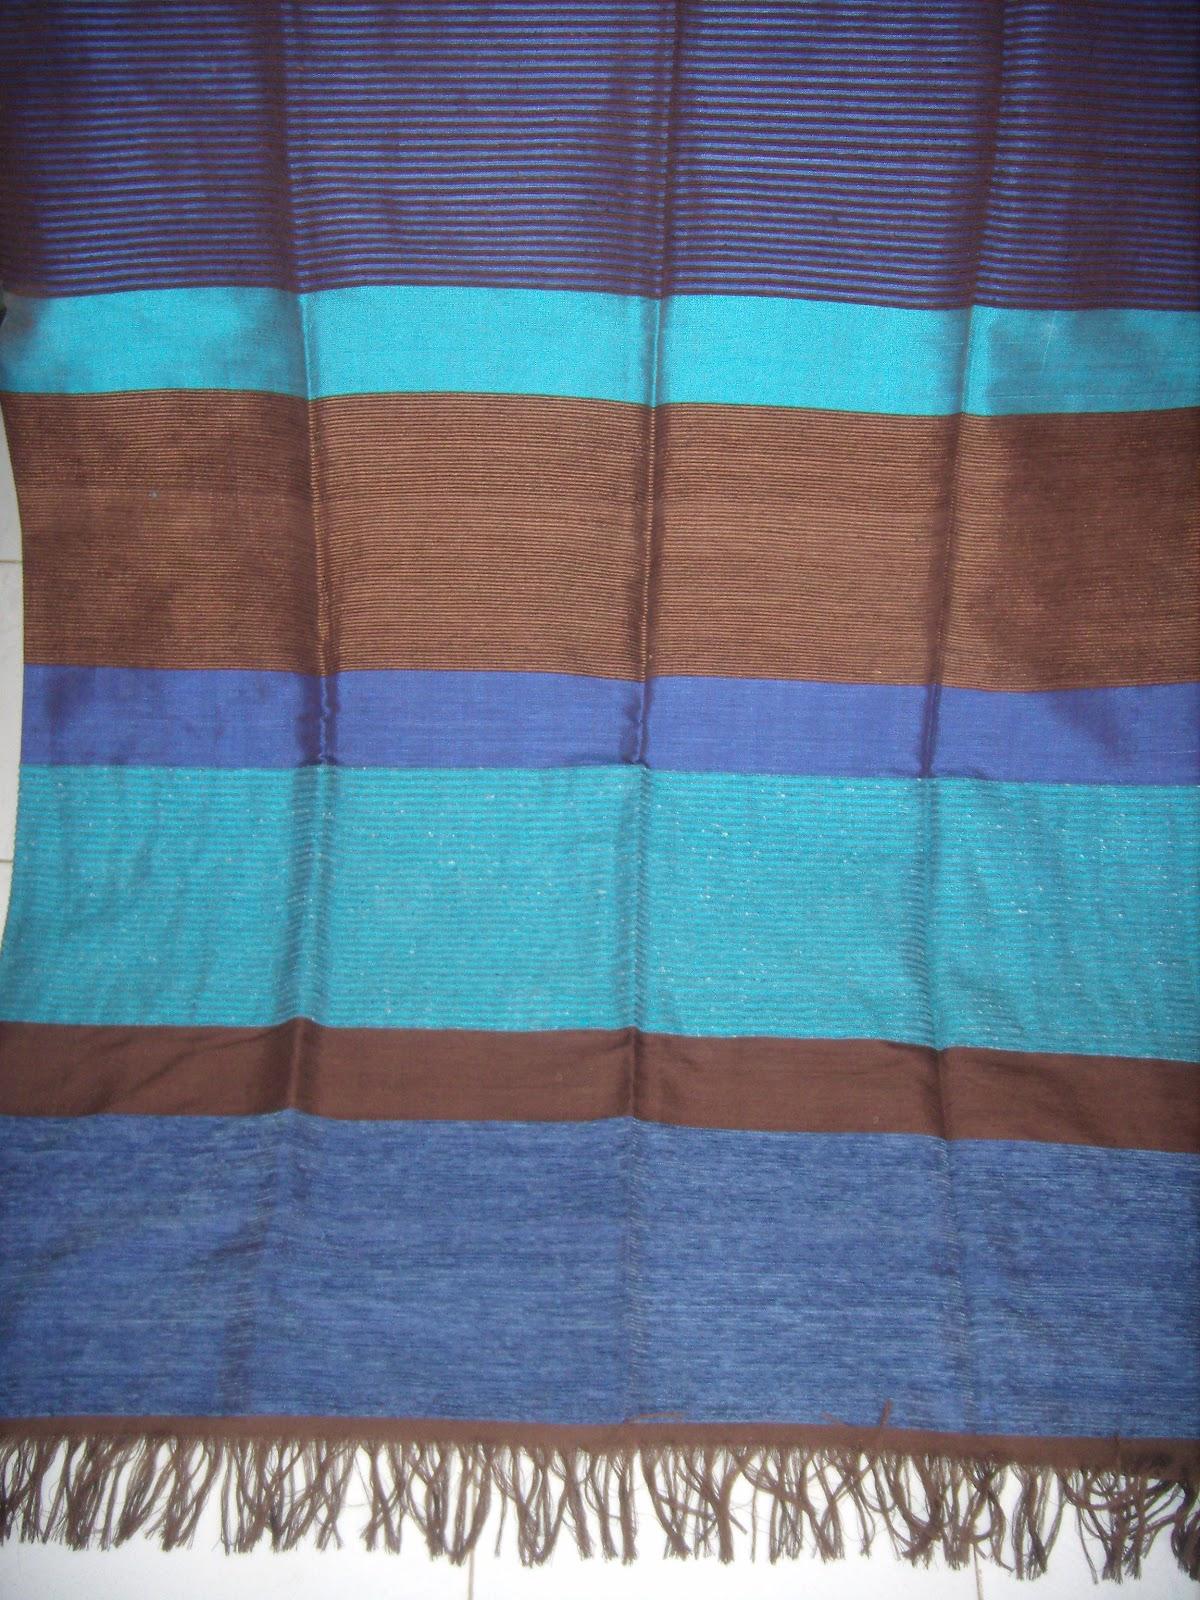 merycarpet couvre lit couleur bleu turquoise marron. Black Bedroom Furniture Sets. Home Design Ideas